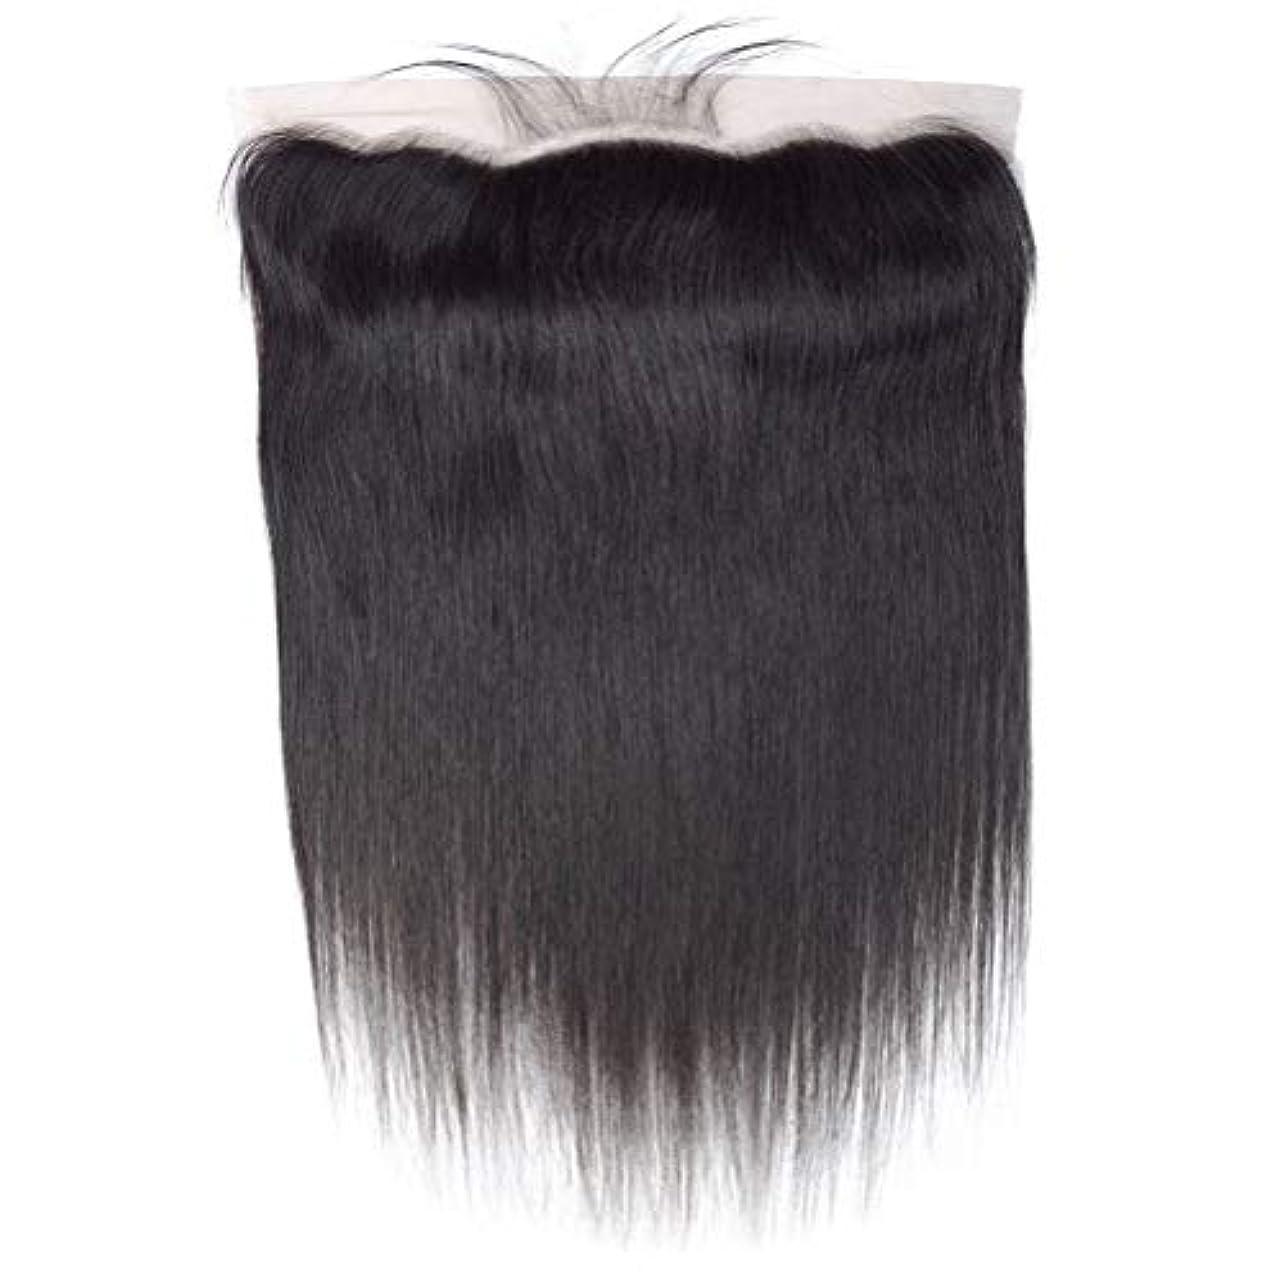 領収書器具夫婦髪の毛ブラジル髪織りまっすぐ人間の髪の毛レース前頭耳に耳13 x 4フリーパーツ前頭葉で赤ん坊の髪漂白ノットナチュラルカラー